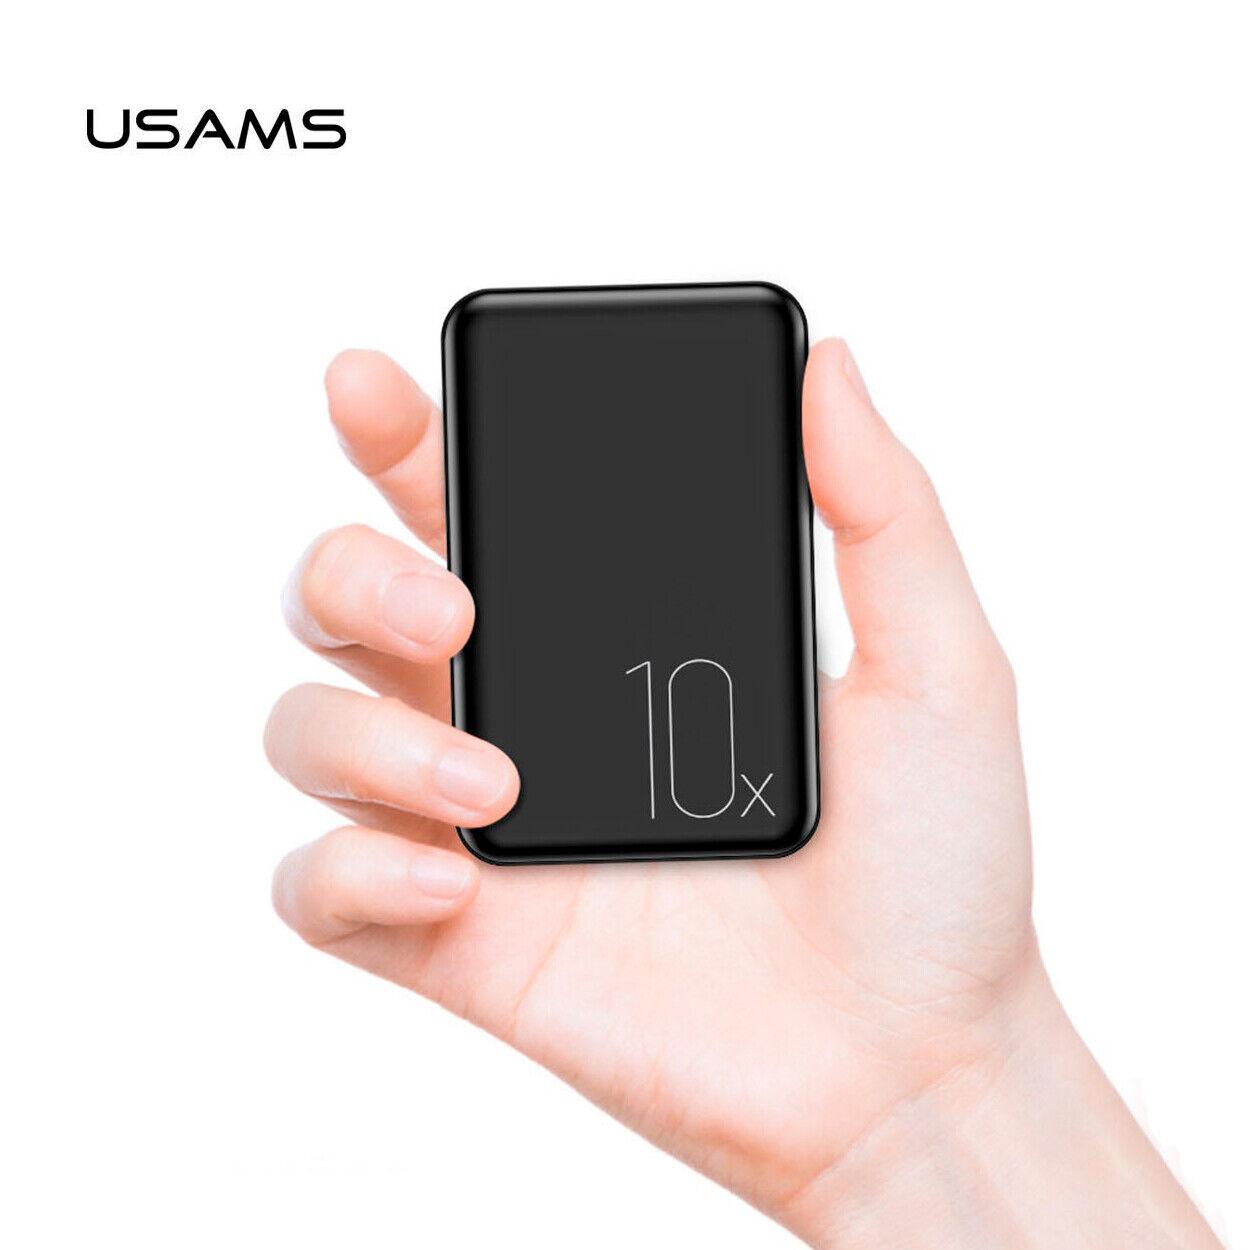 Bateria externa cargador portatil 10000mAh USAMS mini Power Bank dual USB